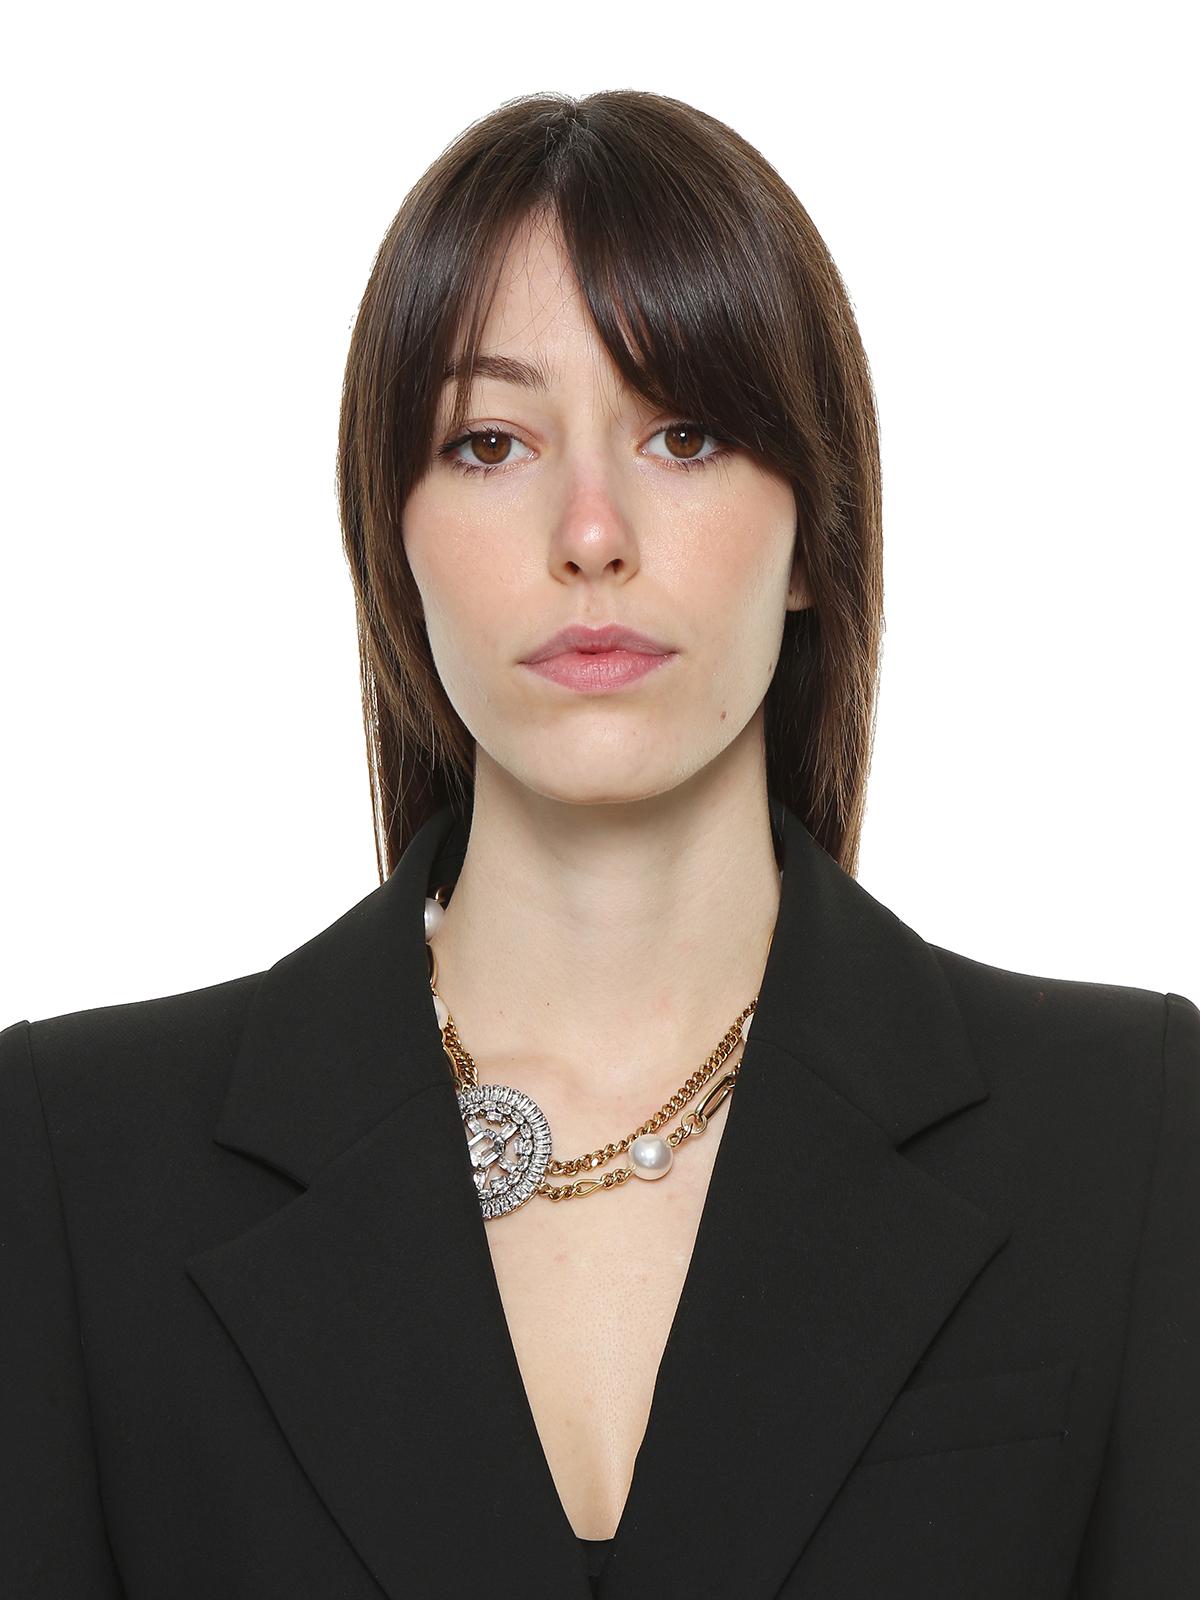 Collana mix di catene e perle con cerchio gioiello centrale